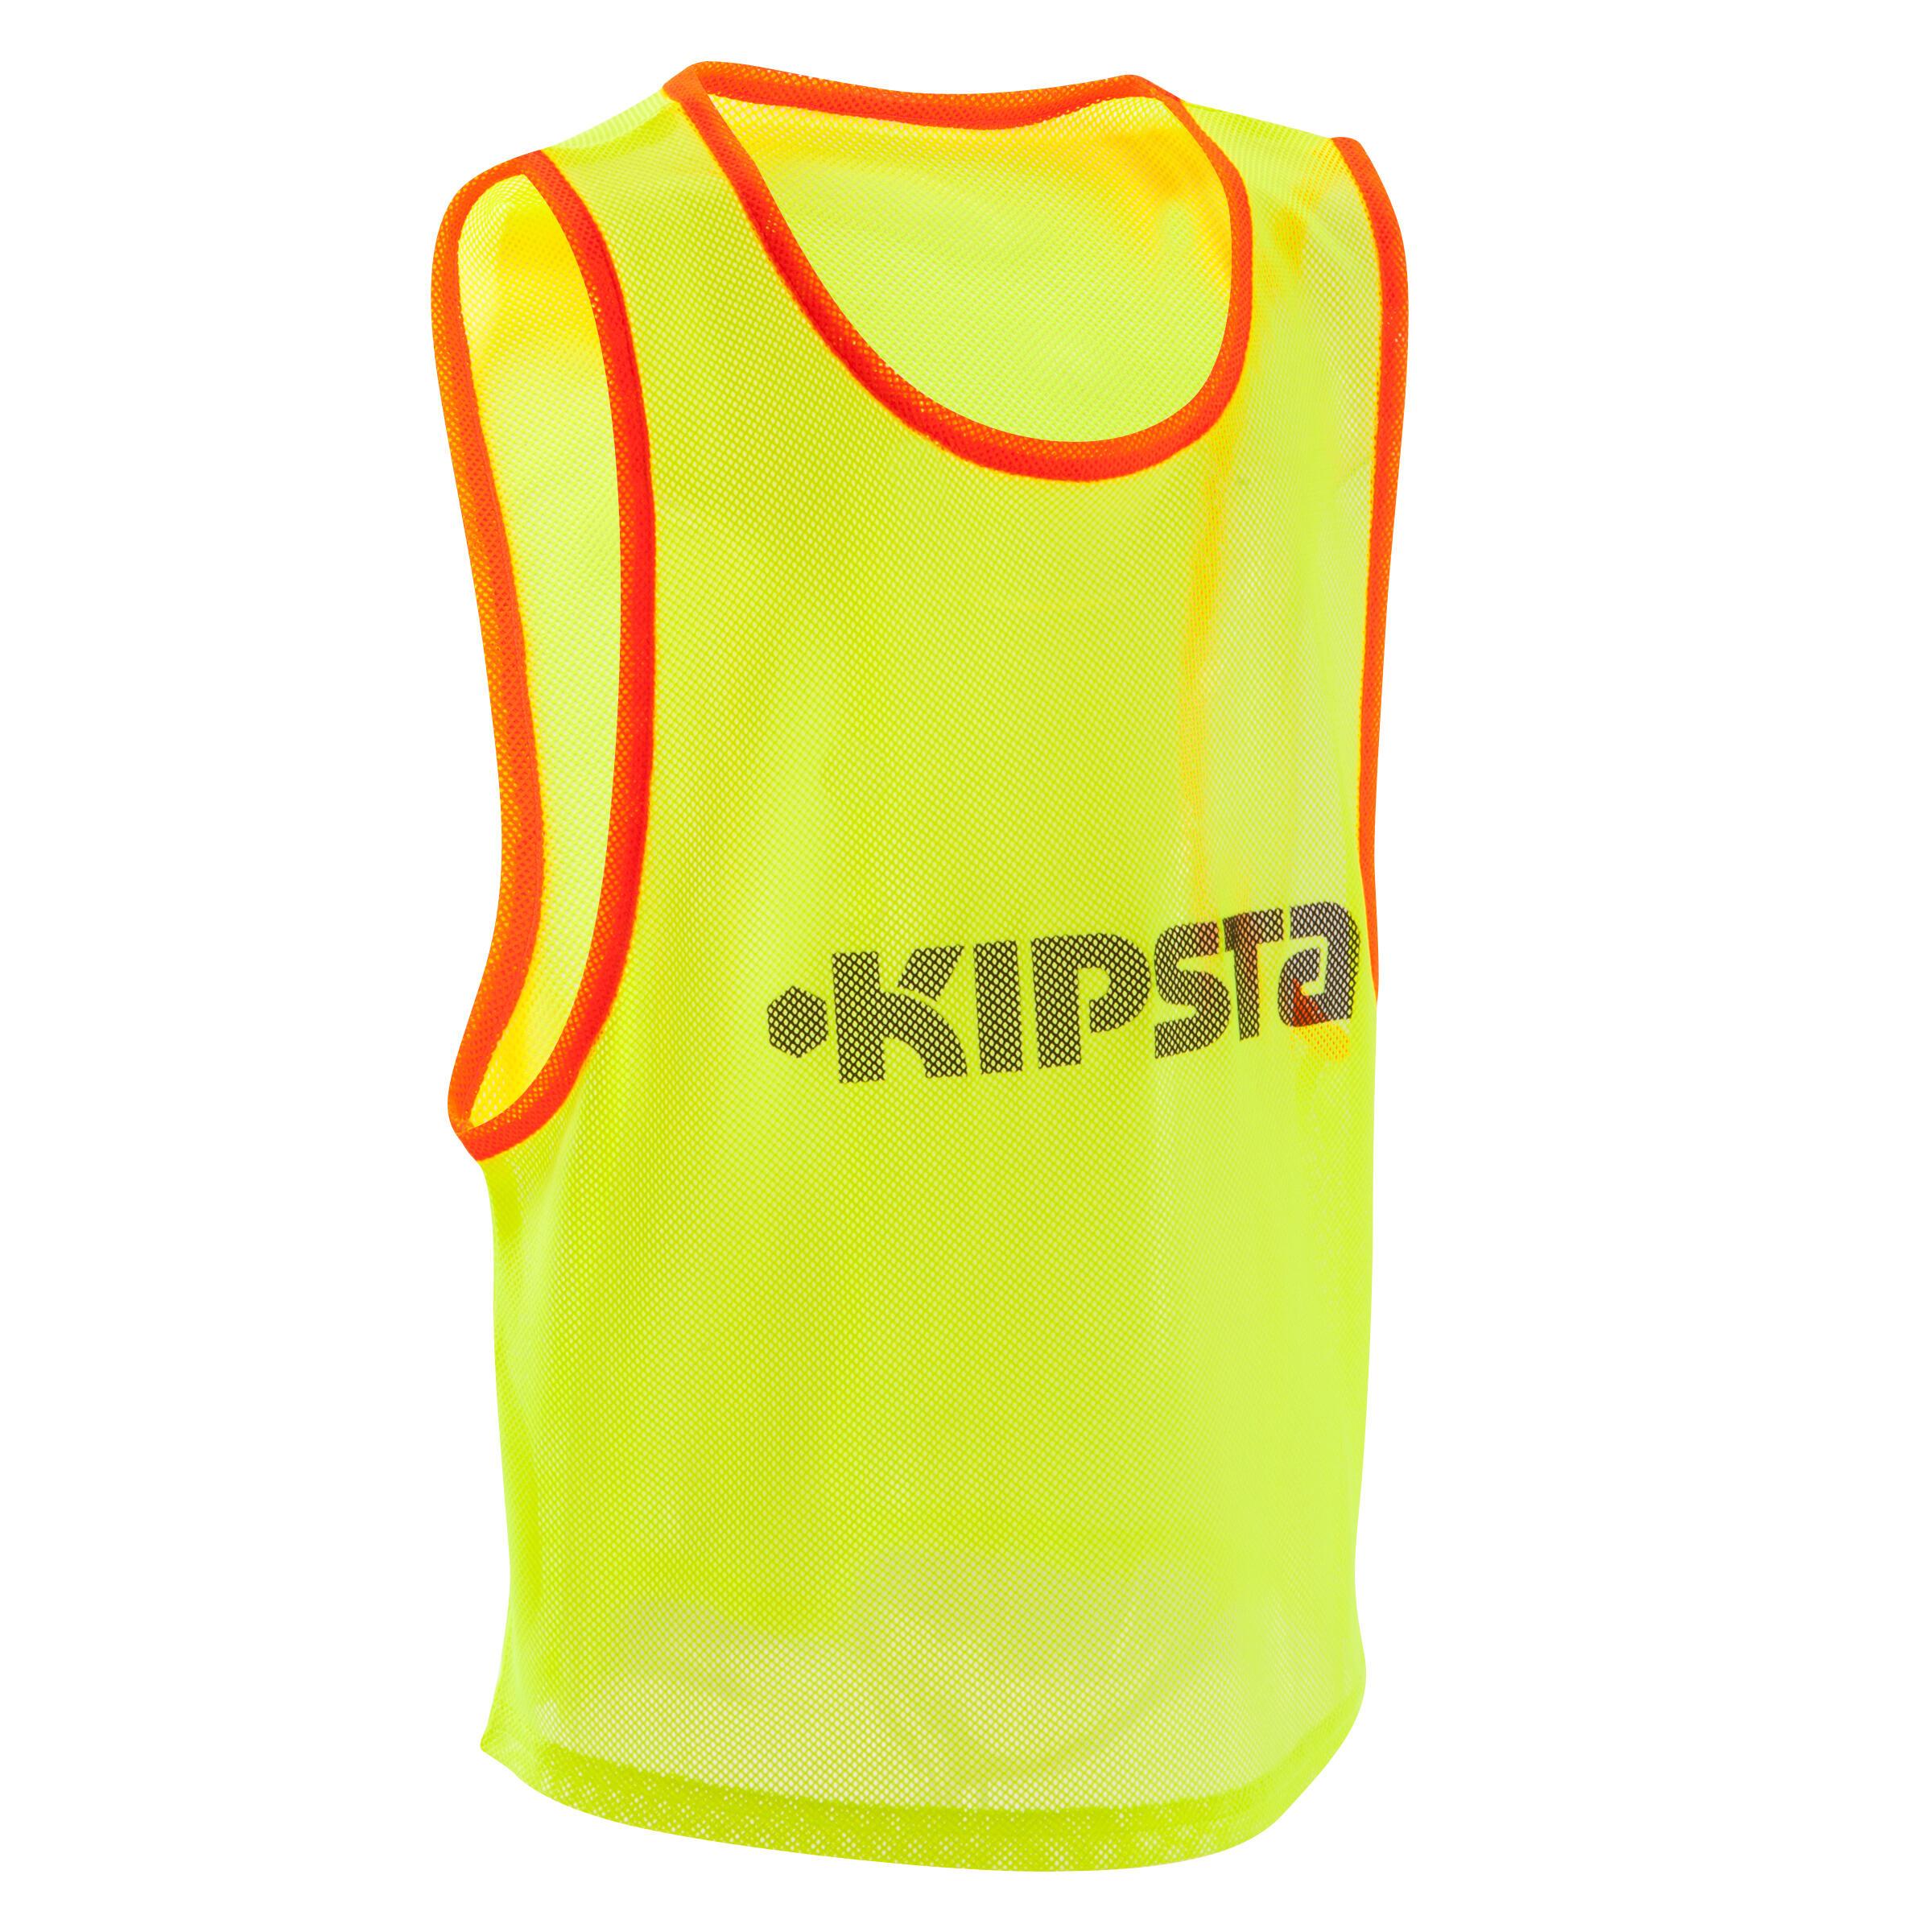 Dossard pour sports collectifs enfant jaune